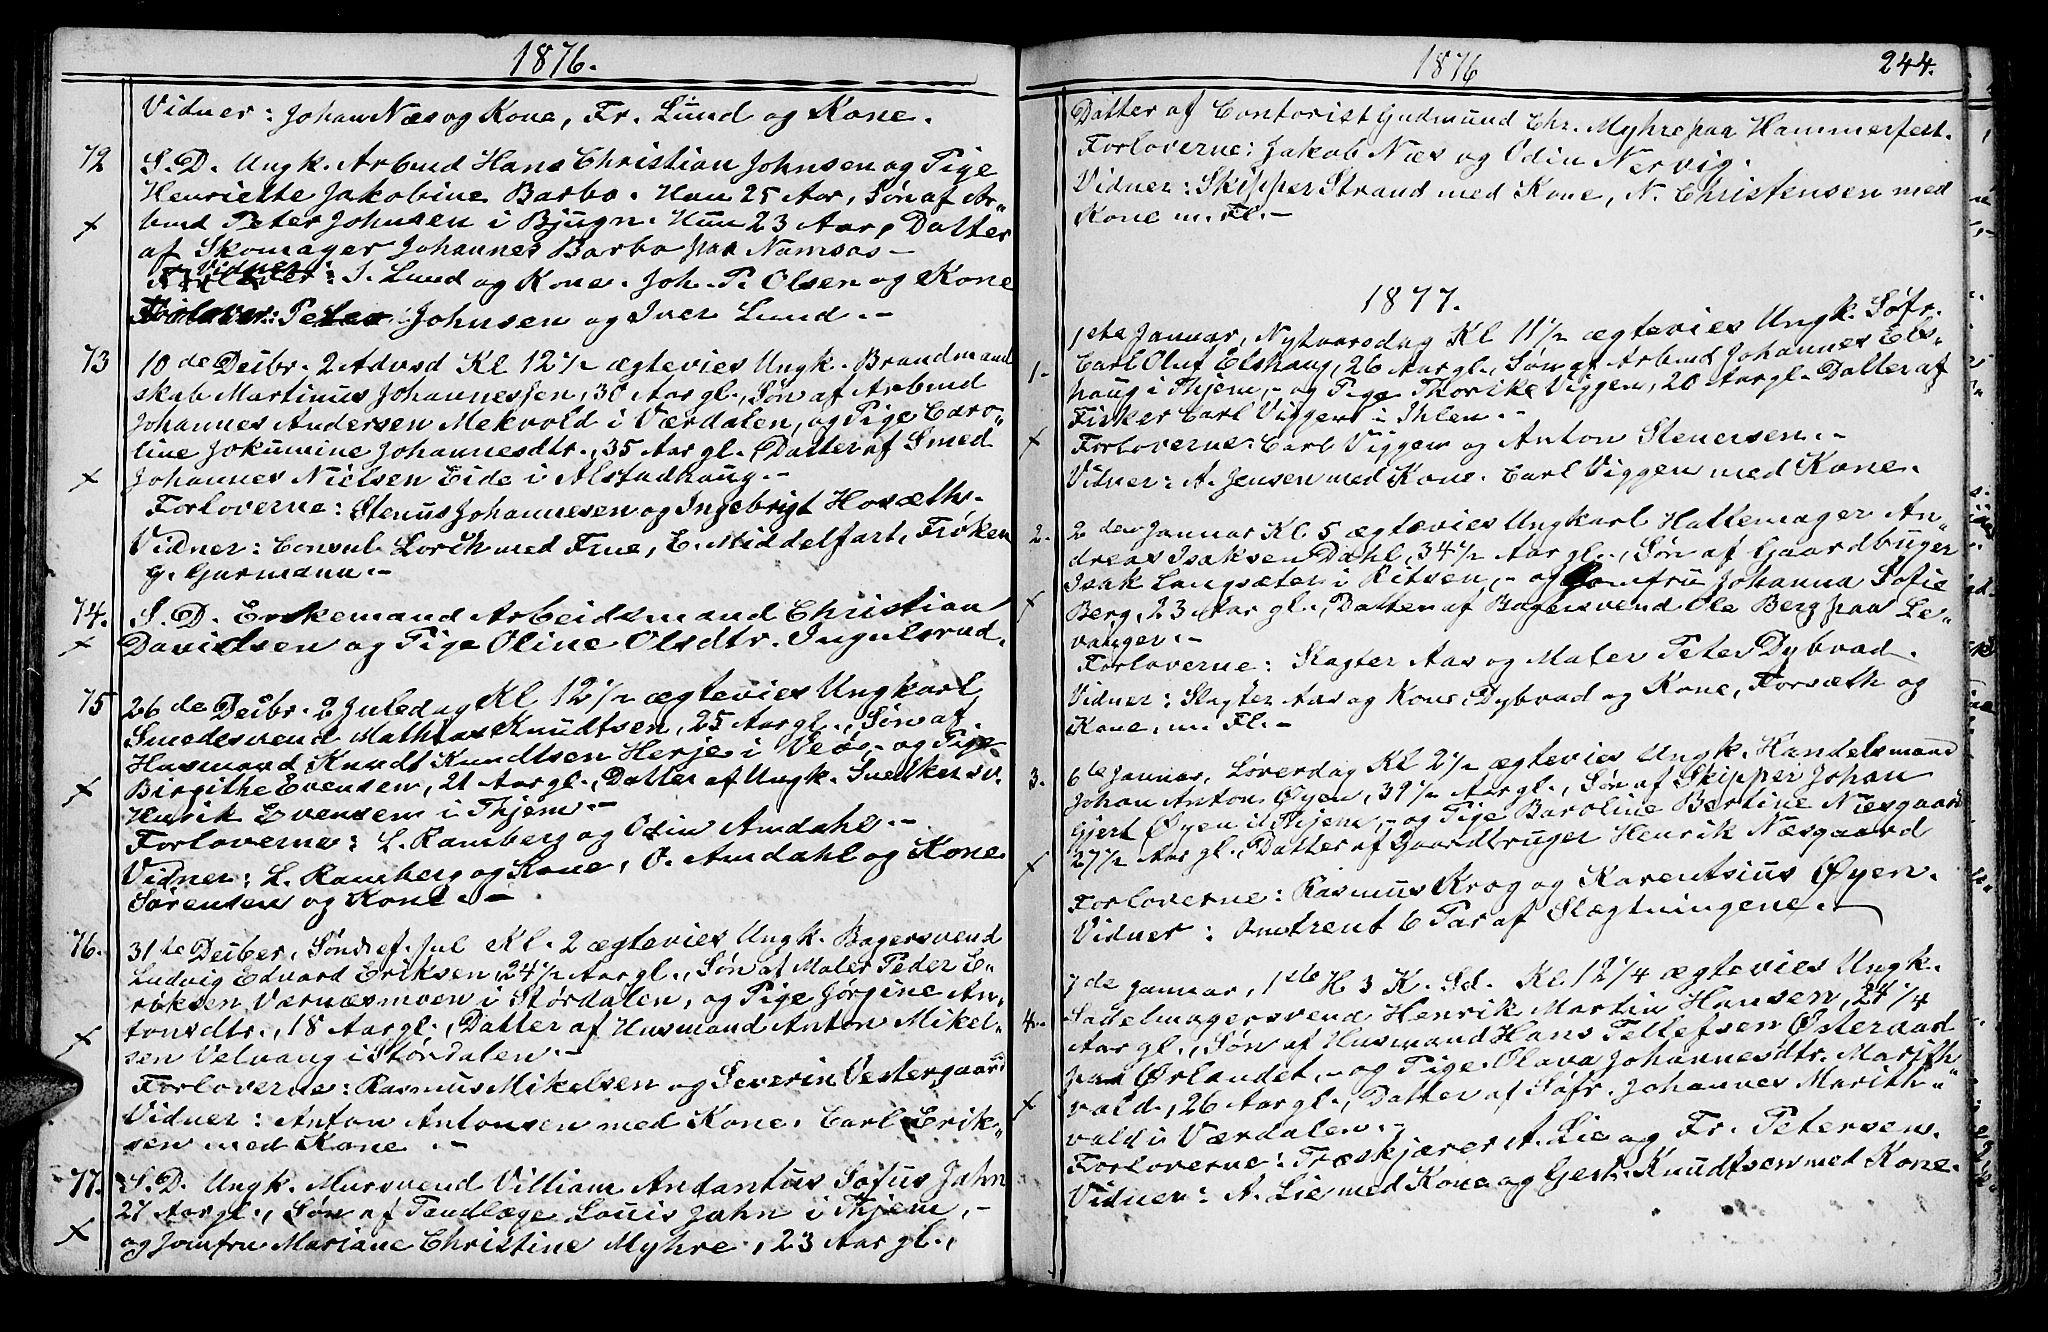 SAT, Ministerialprotokoller, klokkerbøker og fødselsregistre - Sør-Trøndelag, 602/L0142: Klokkerbok nr. 602C10, 1872-1894, s. 244